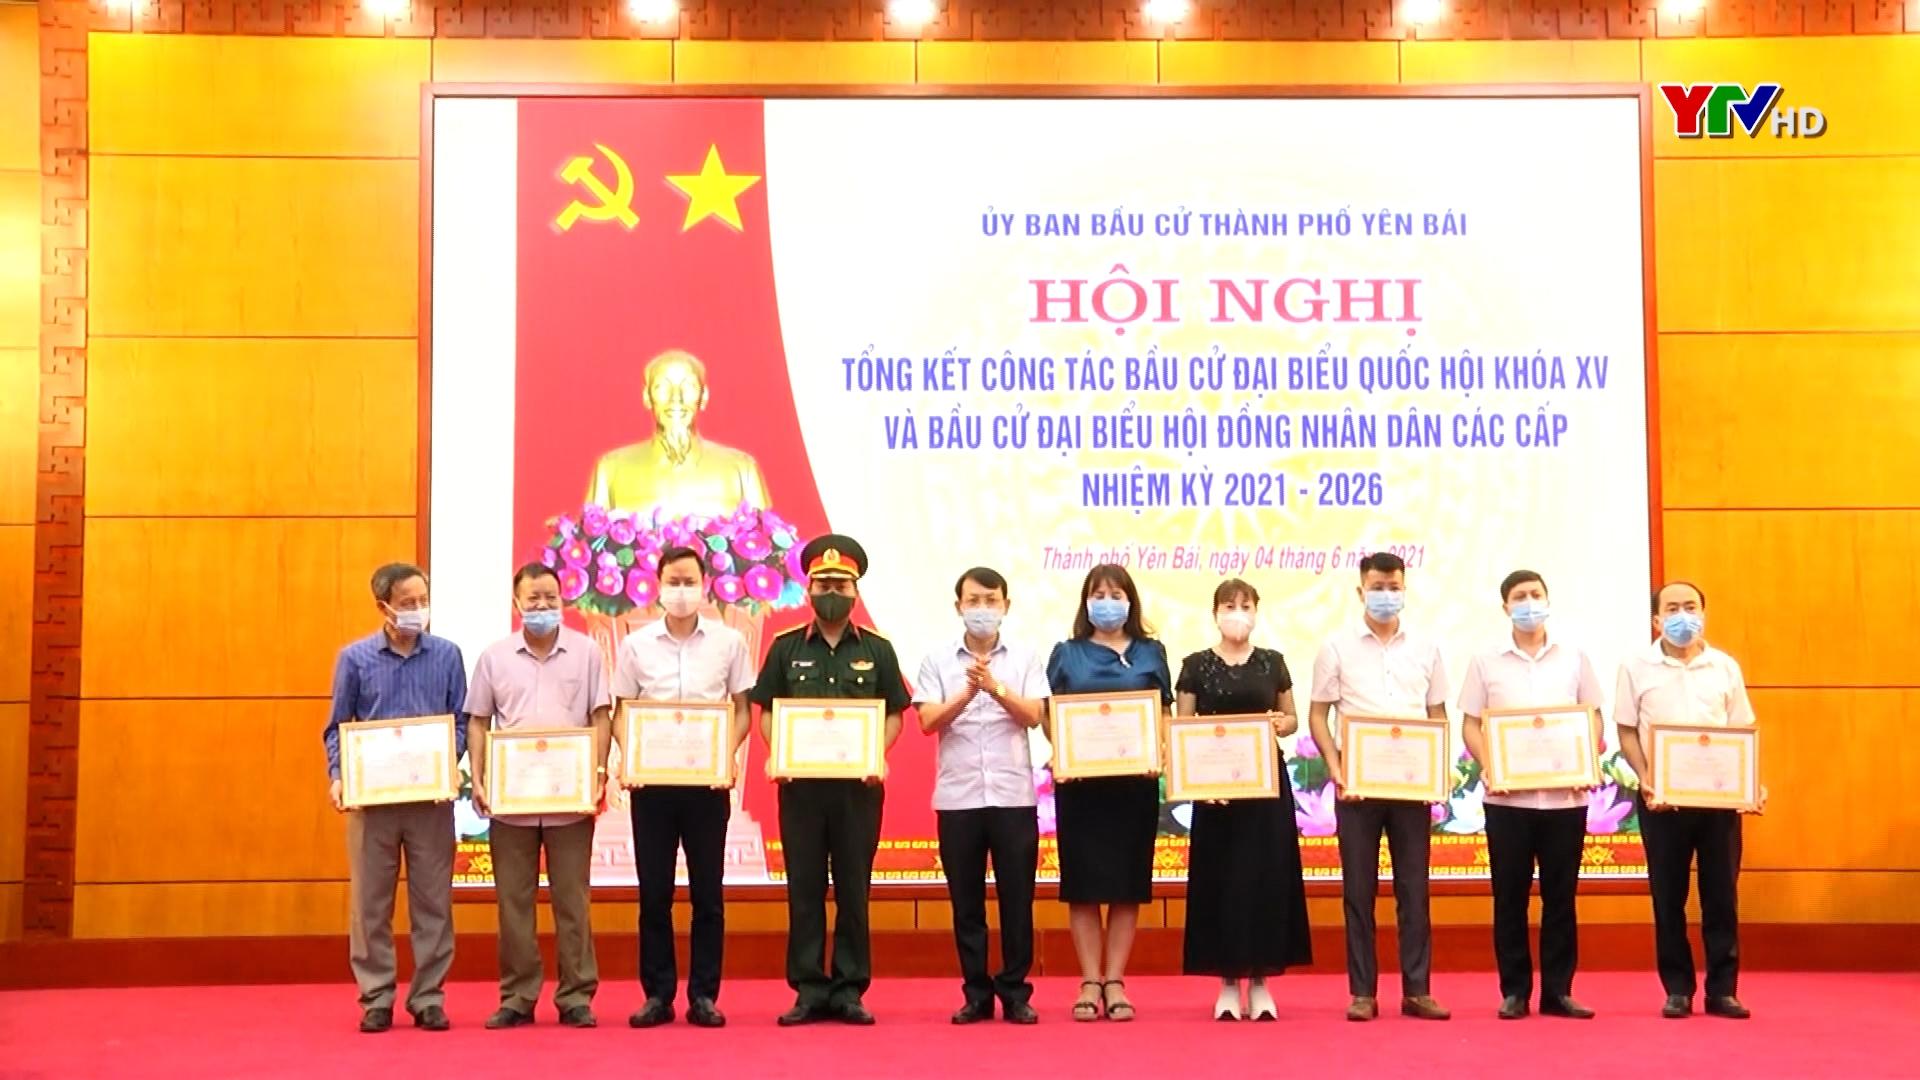 Uỷ ban Bầu cử thành phố Yên Bái tổng kết công tác bầu cử đại biểu Quốc hội khoá XV và đại biểu HĐND các cấp